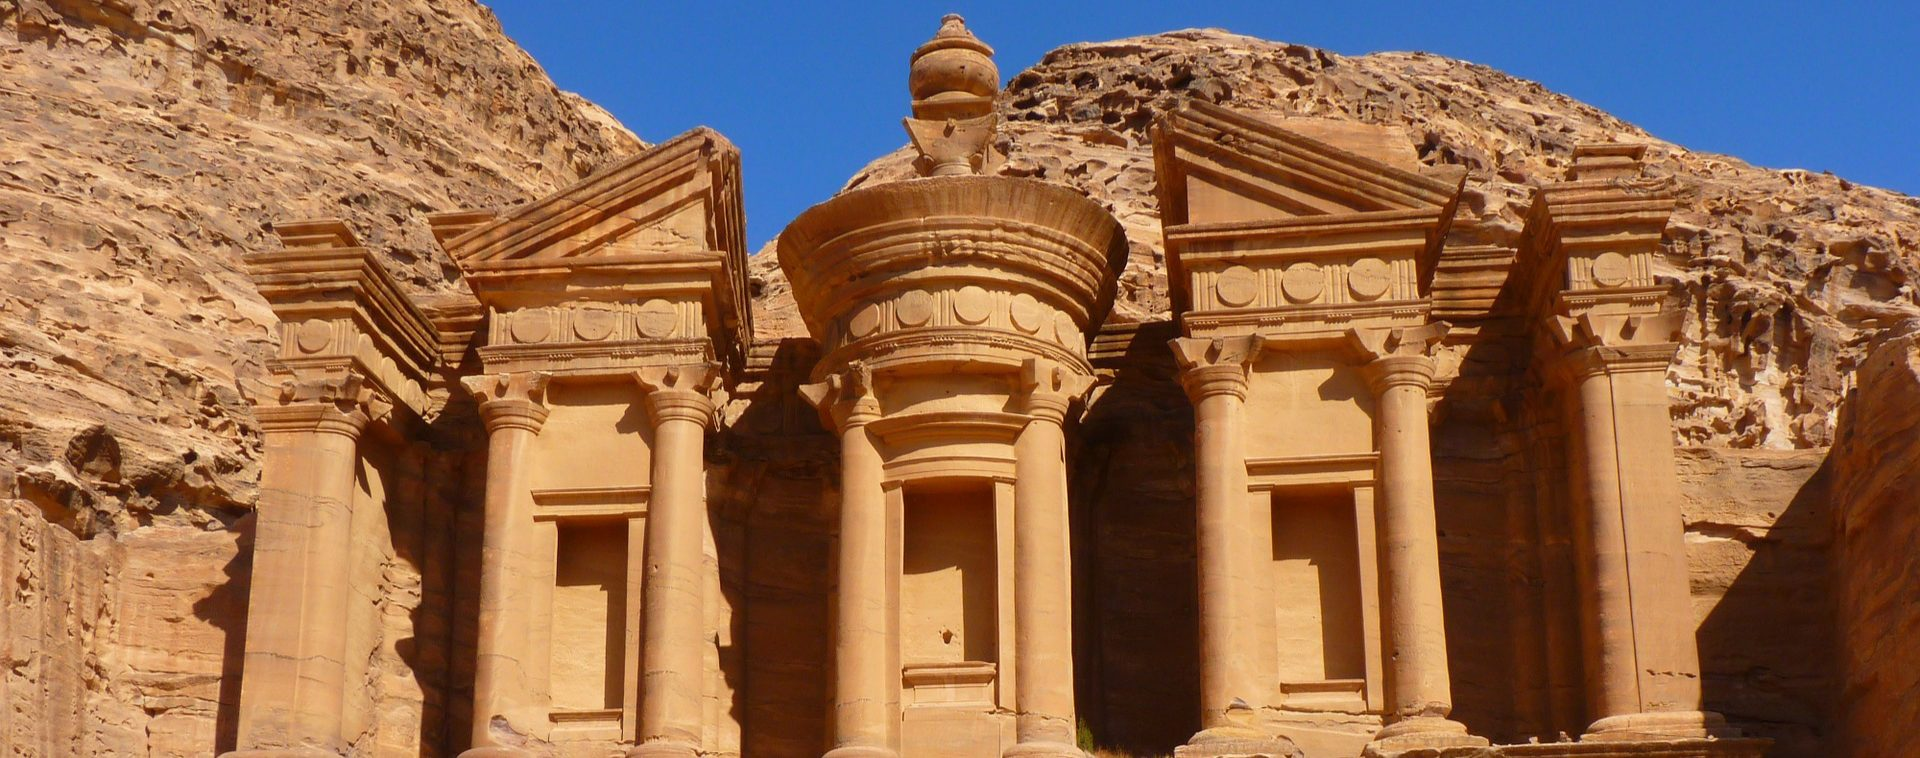 Jordanie - Les plus belles escalades de Wadi Rum - Les matins du monde